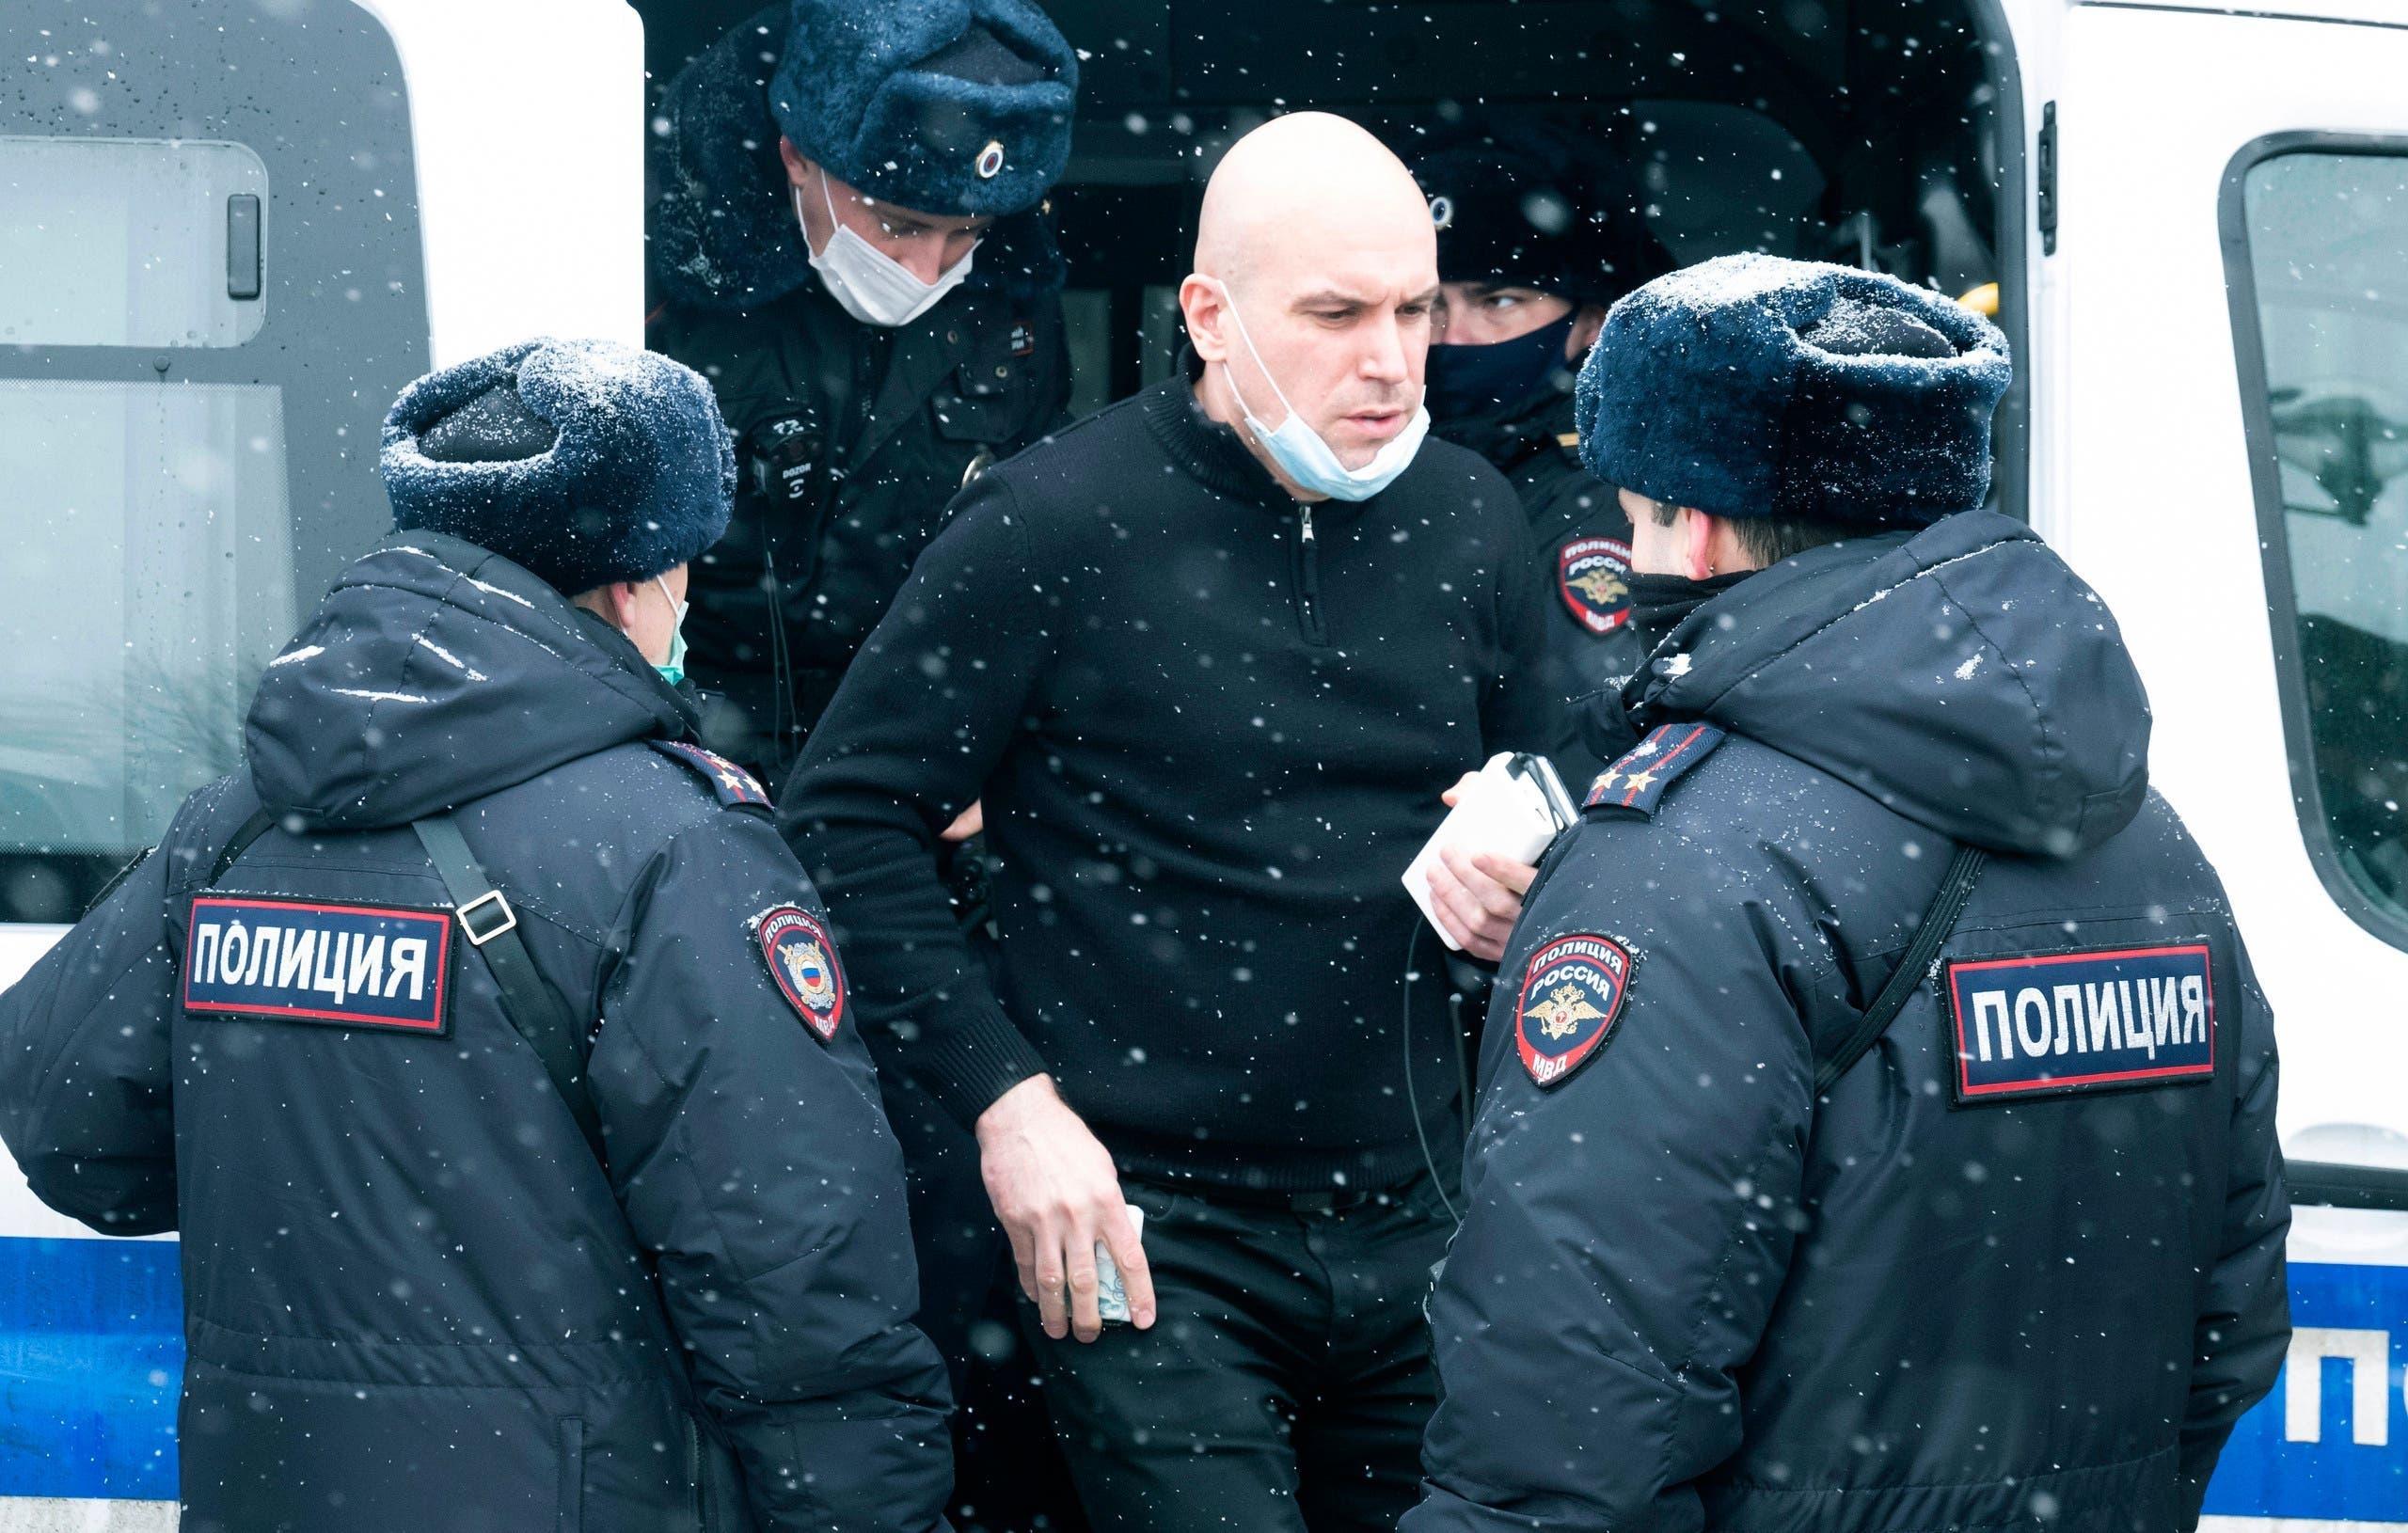 بازداشت یکی از شرکت کنندگان در جلسه